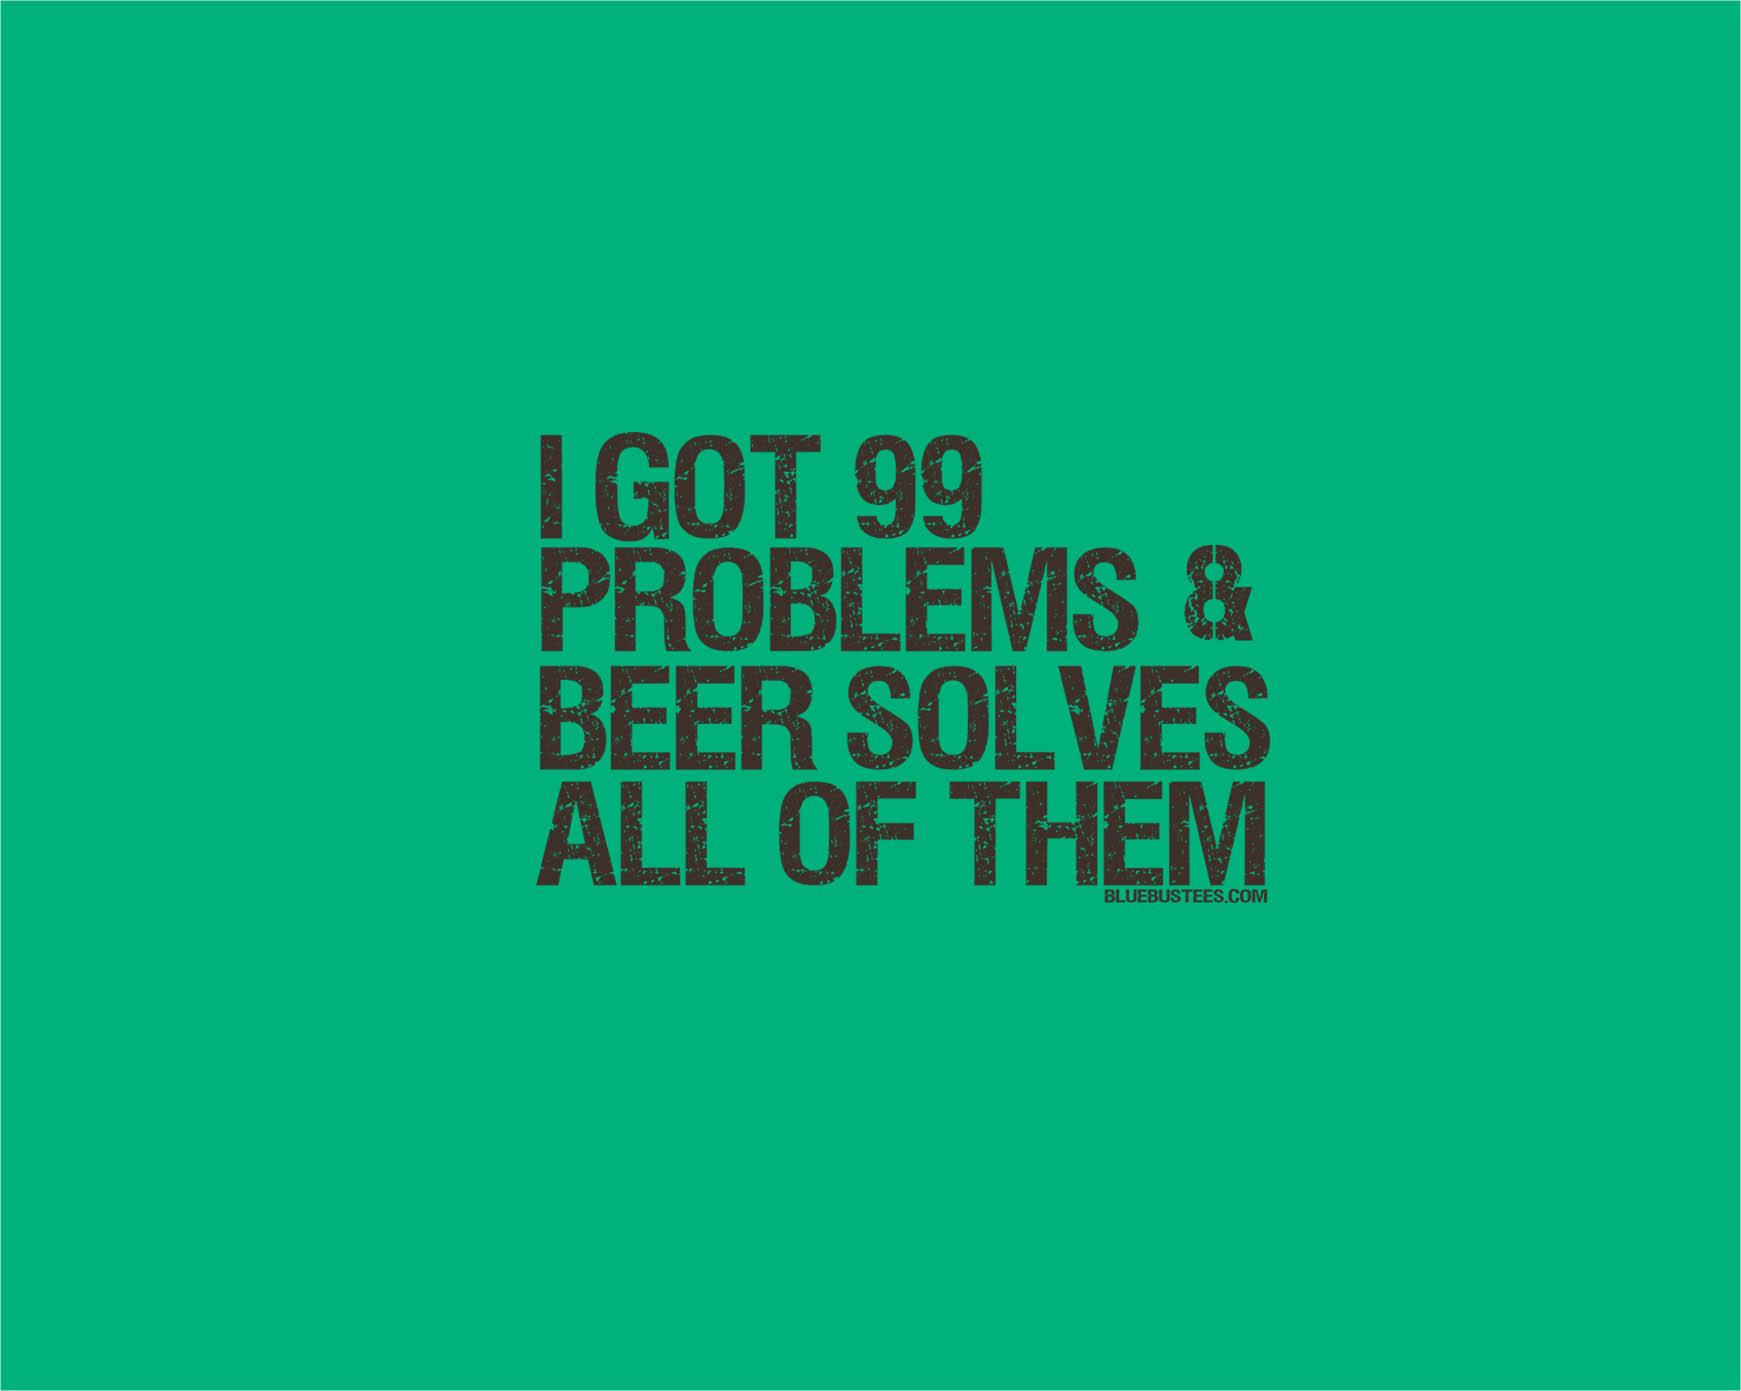 99BEERS